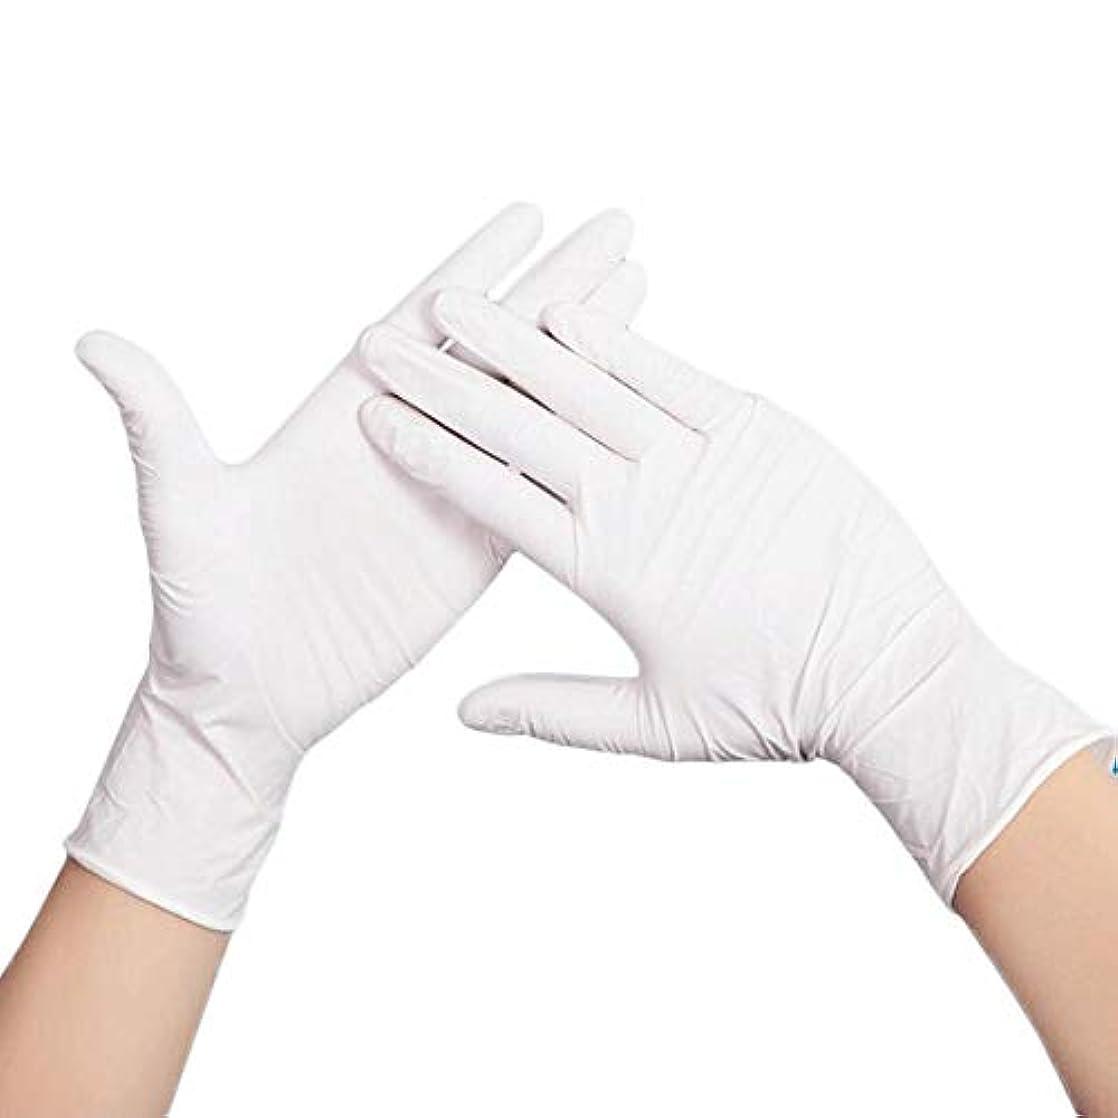 判定ビジネスカリキュラム乳白色の11インチの使い捨て可能な粉体検査ゴムラテックス手袋 - 着用が簡単で快適なフィット YANW (色 : A, サイズ さいず : M m)